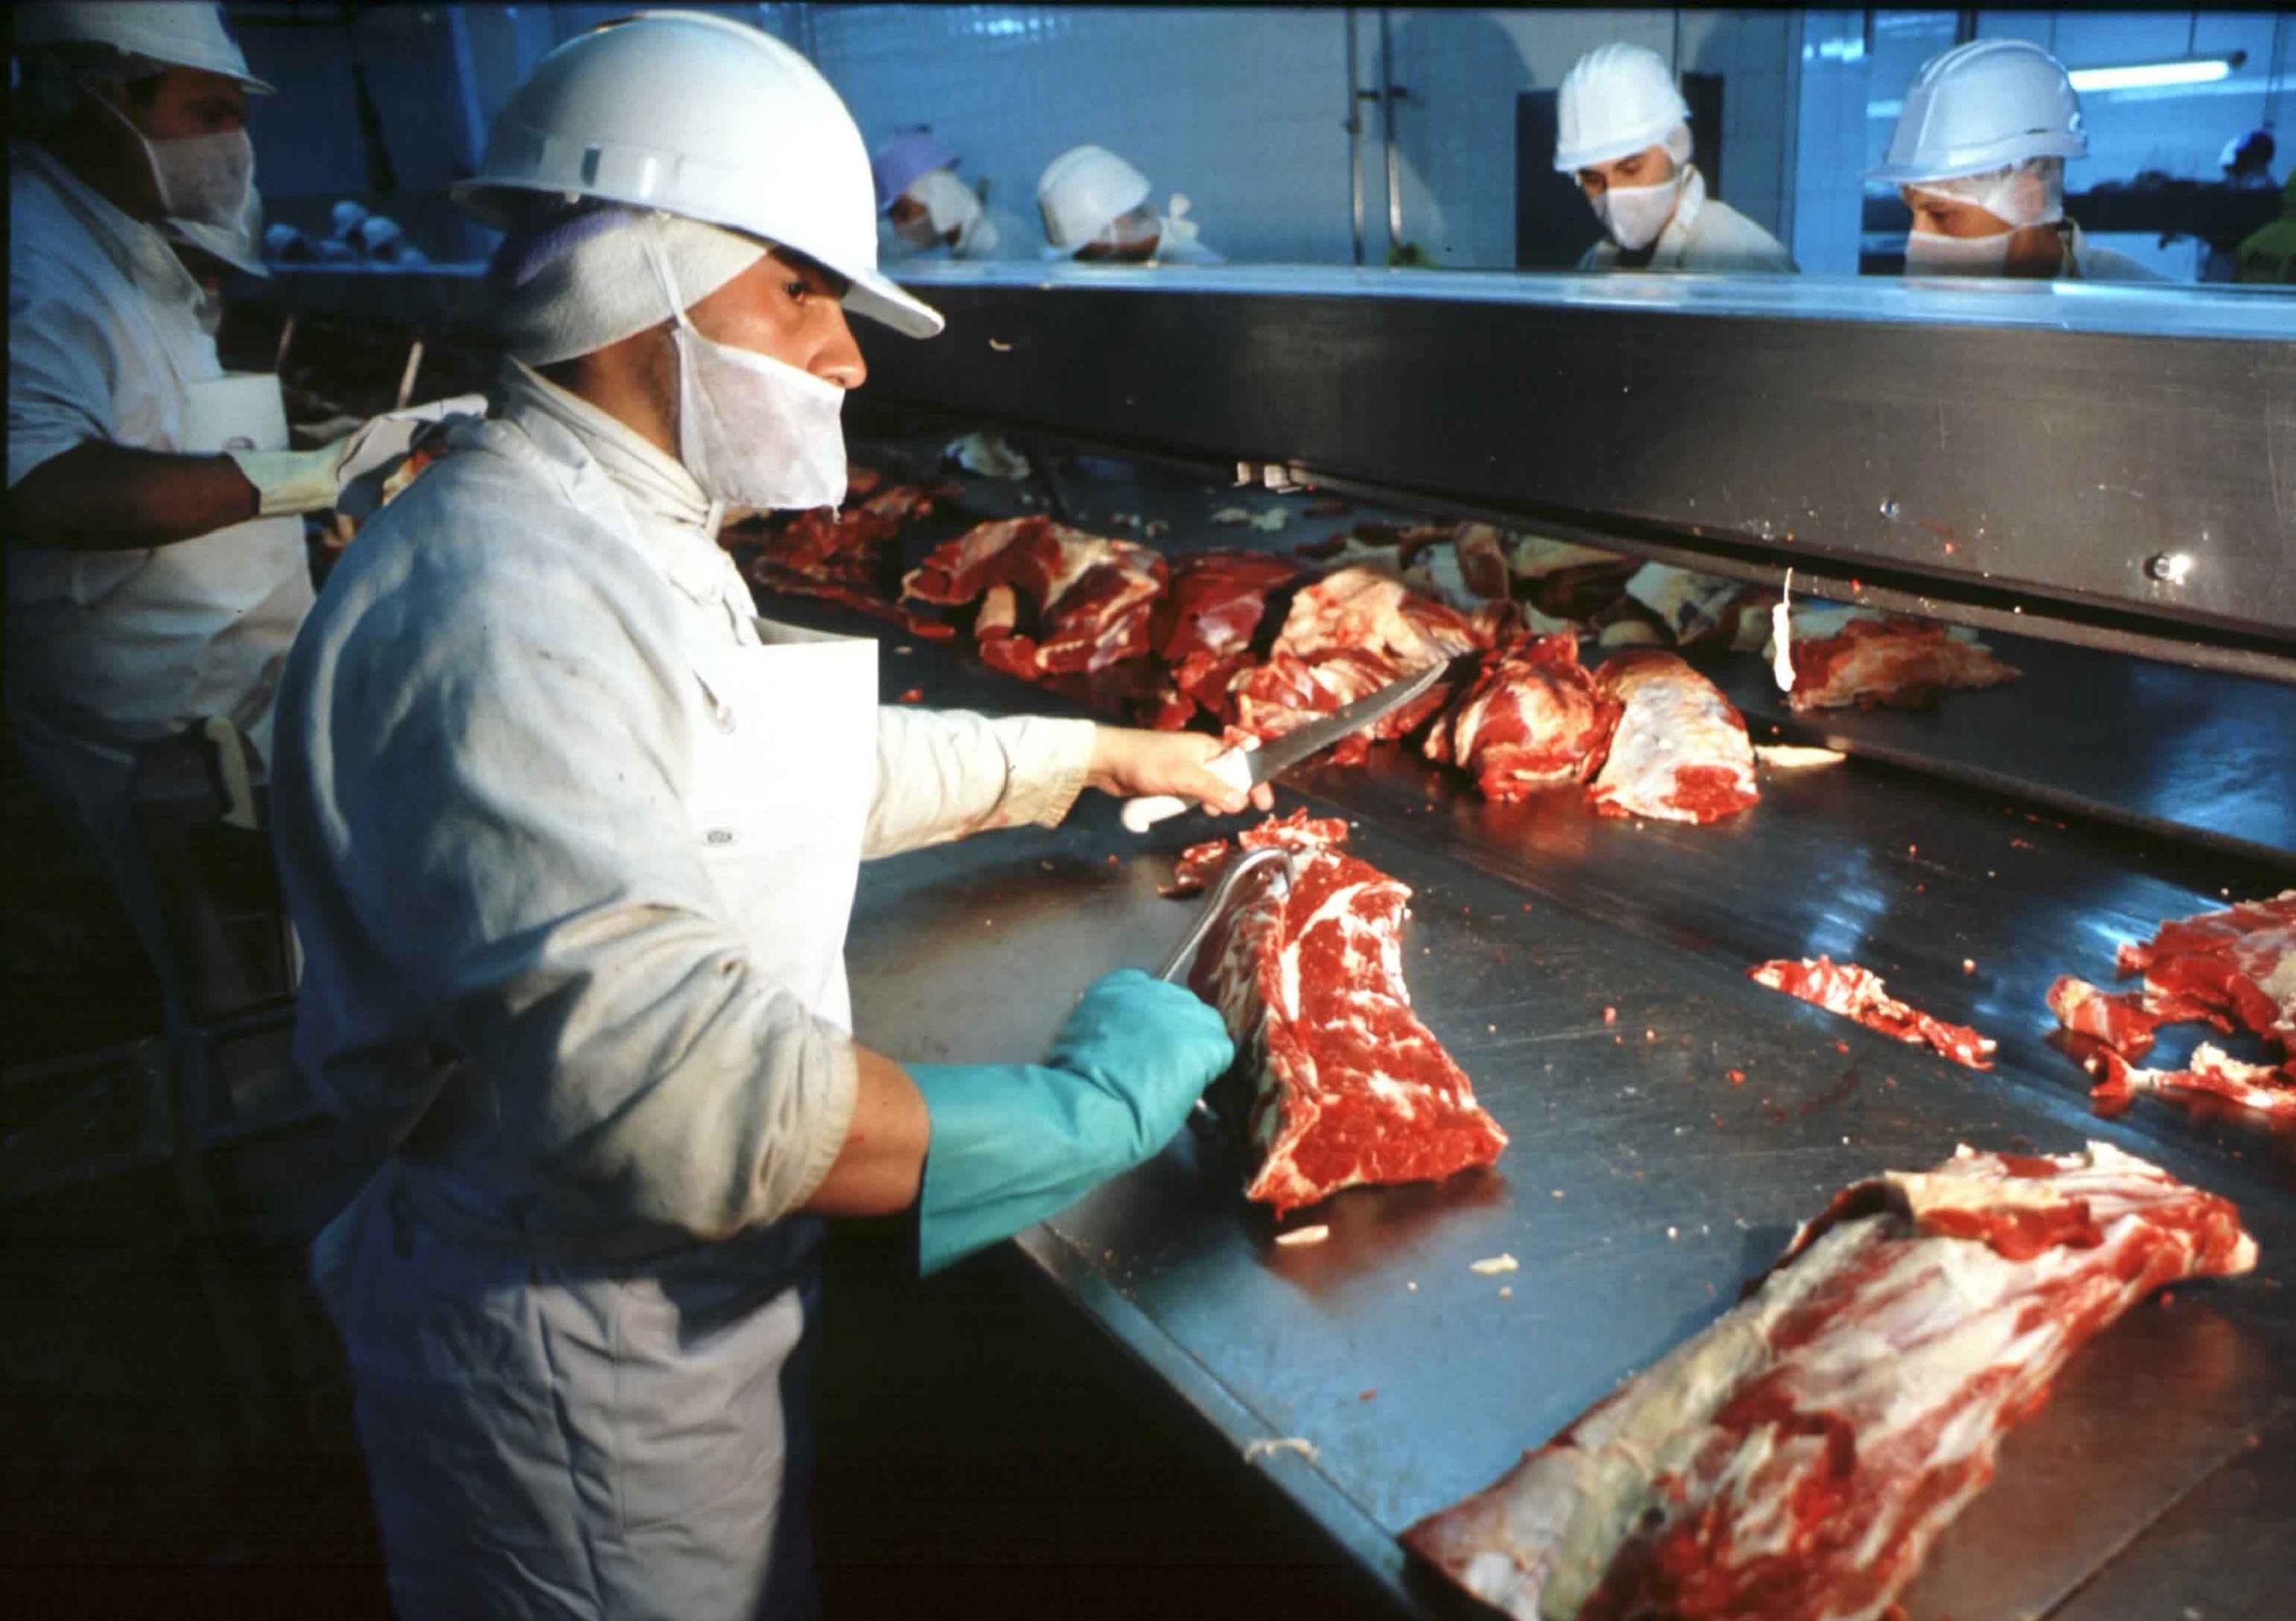 Trabajadora cae en una procesadora de carne y muere despedazada